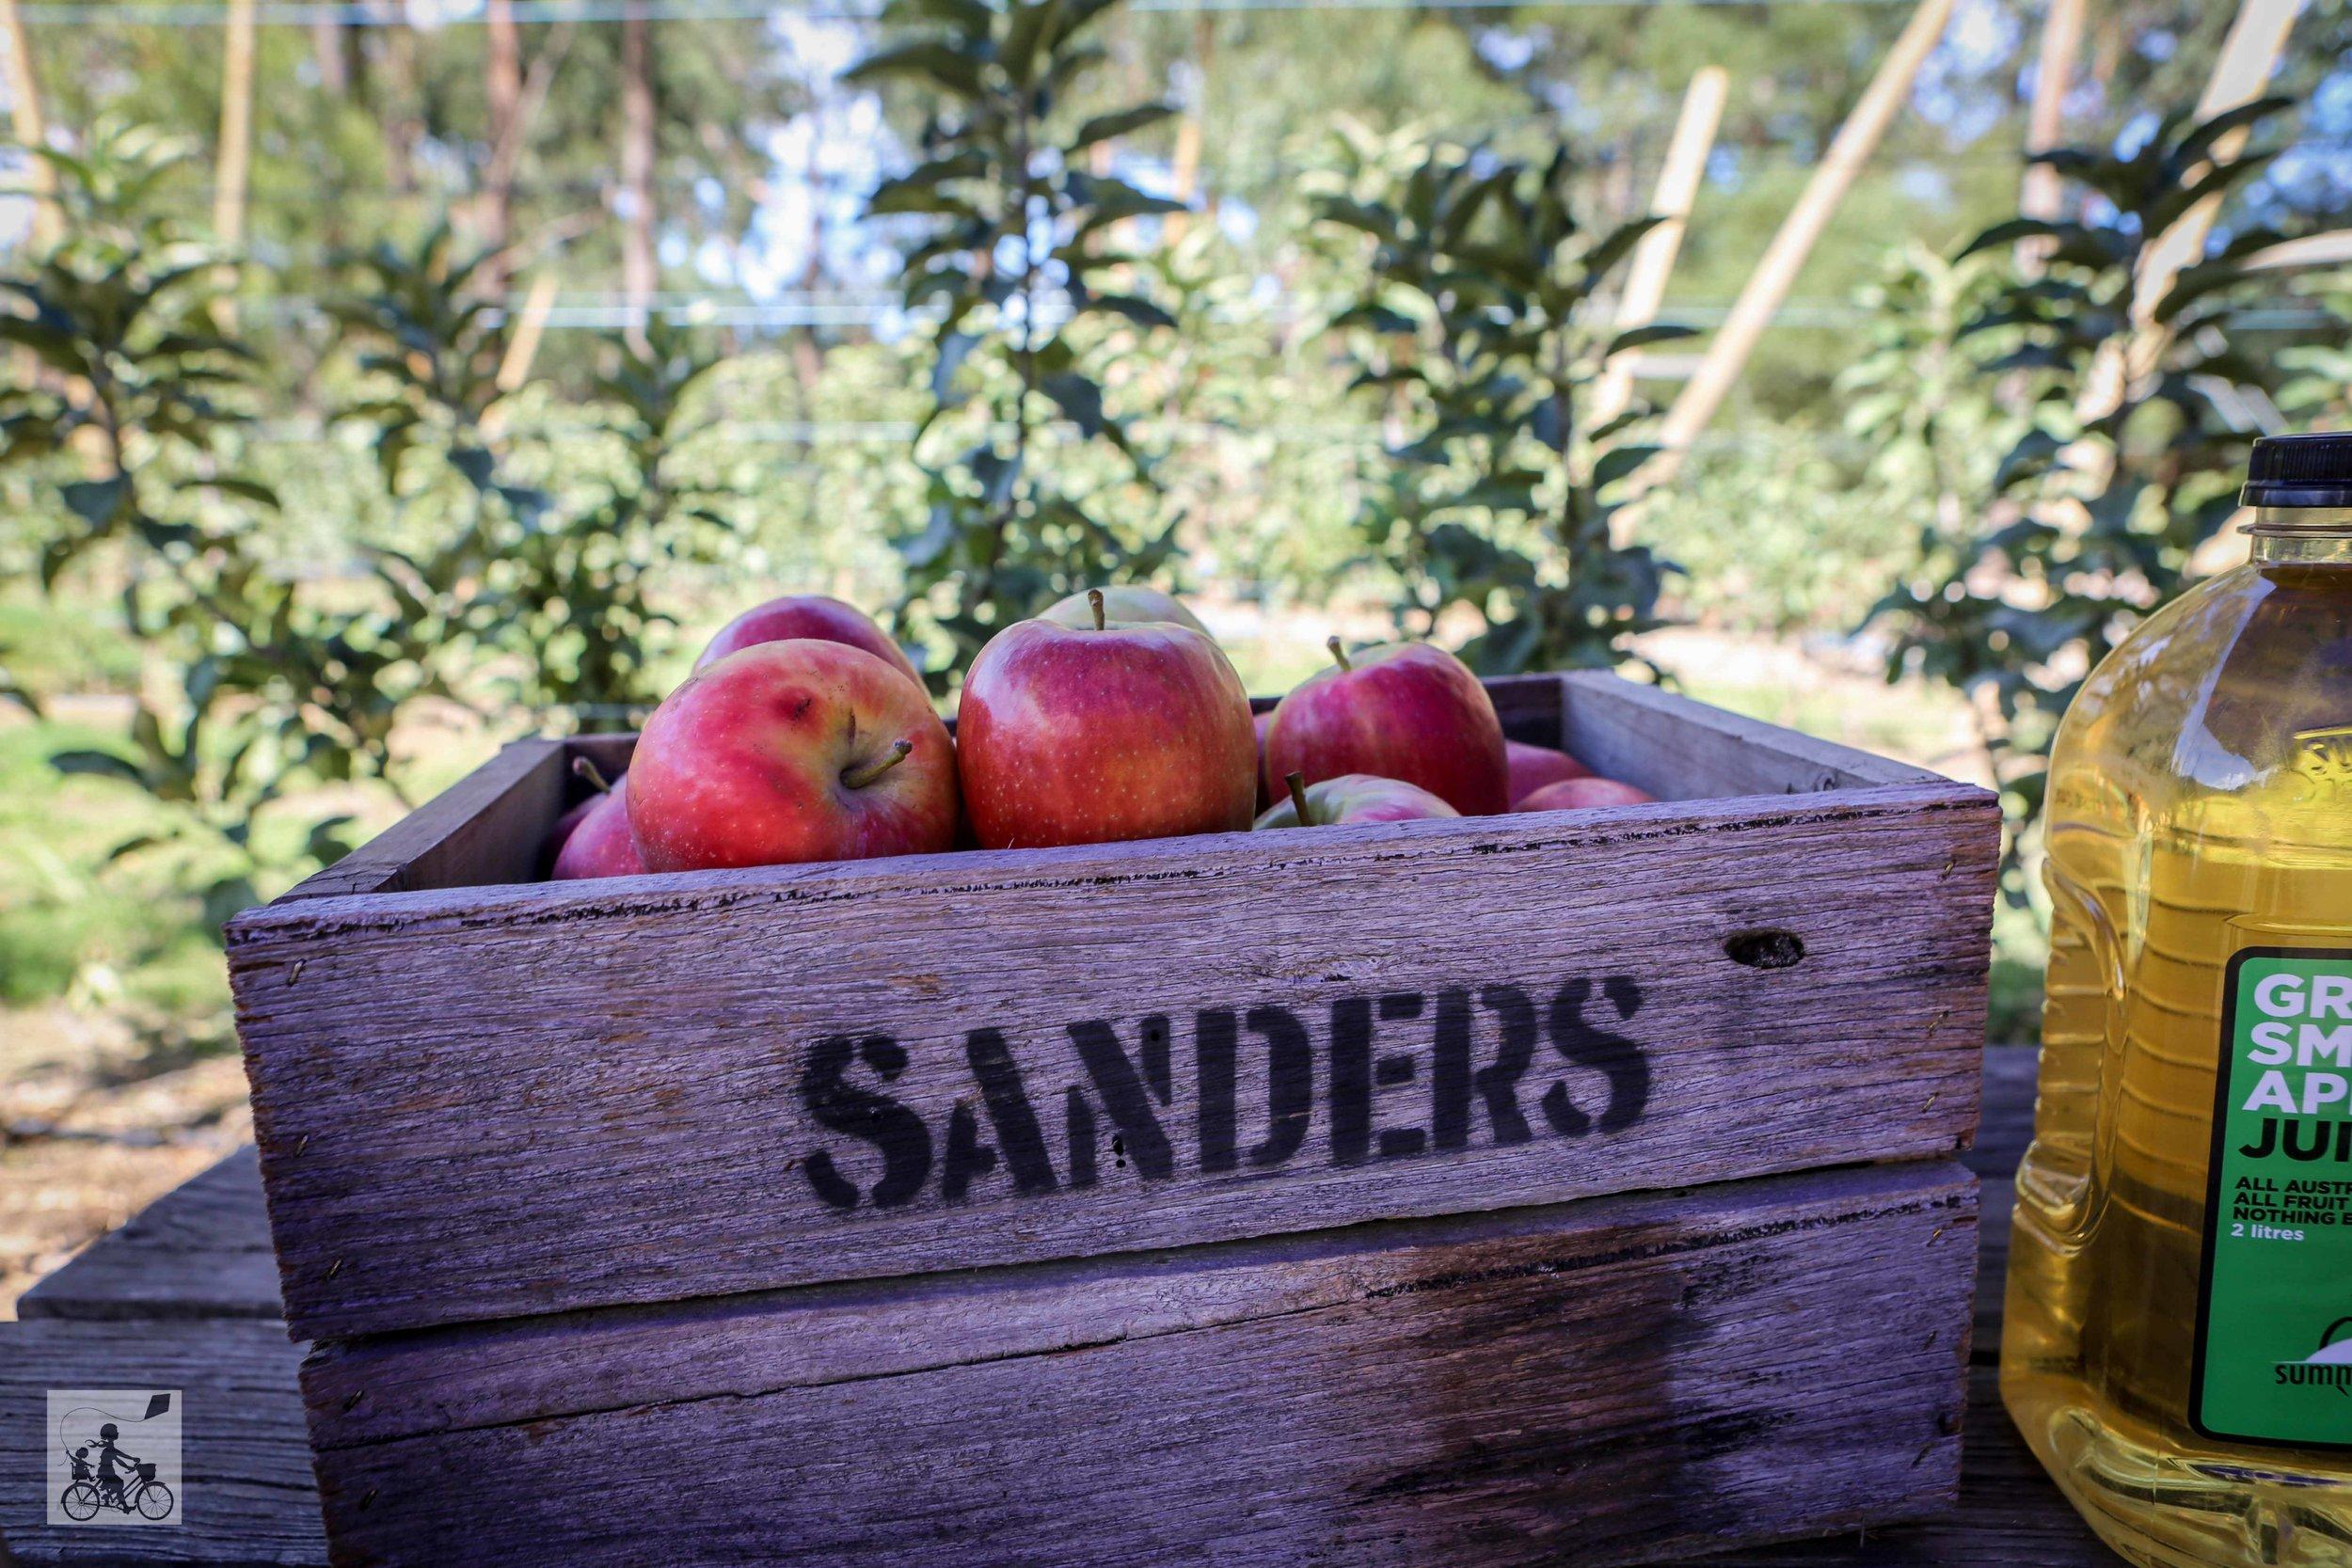 Mamma Knows East - Sanders Apples (39 of 40).jpg